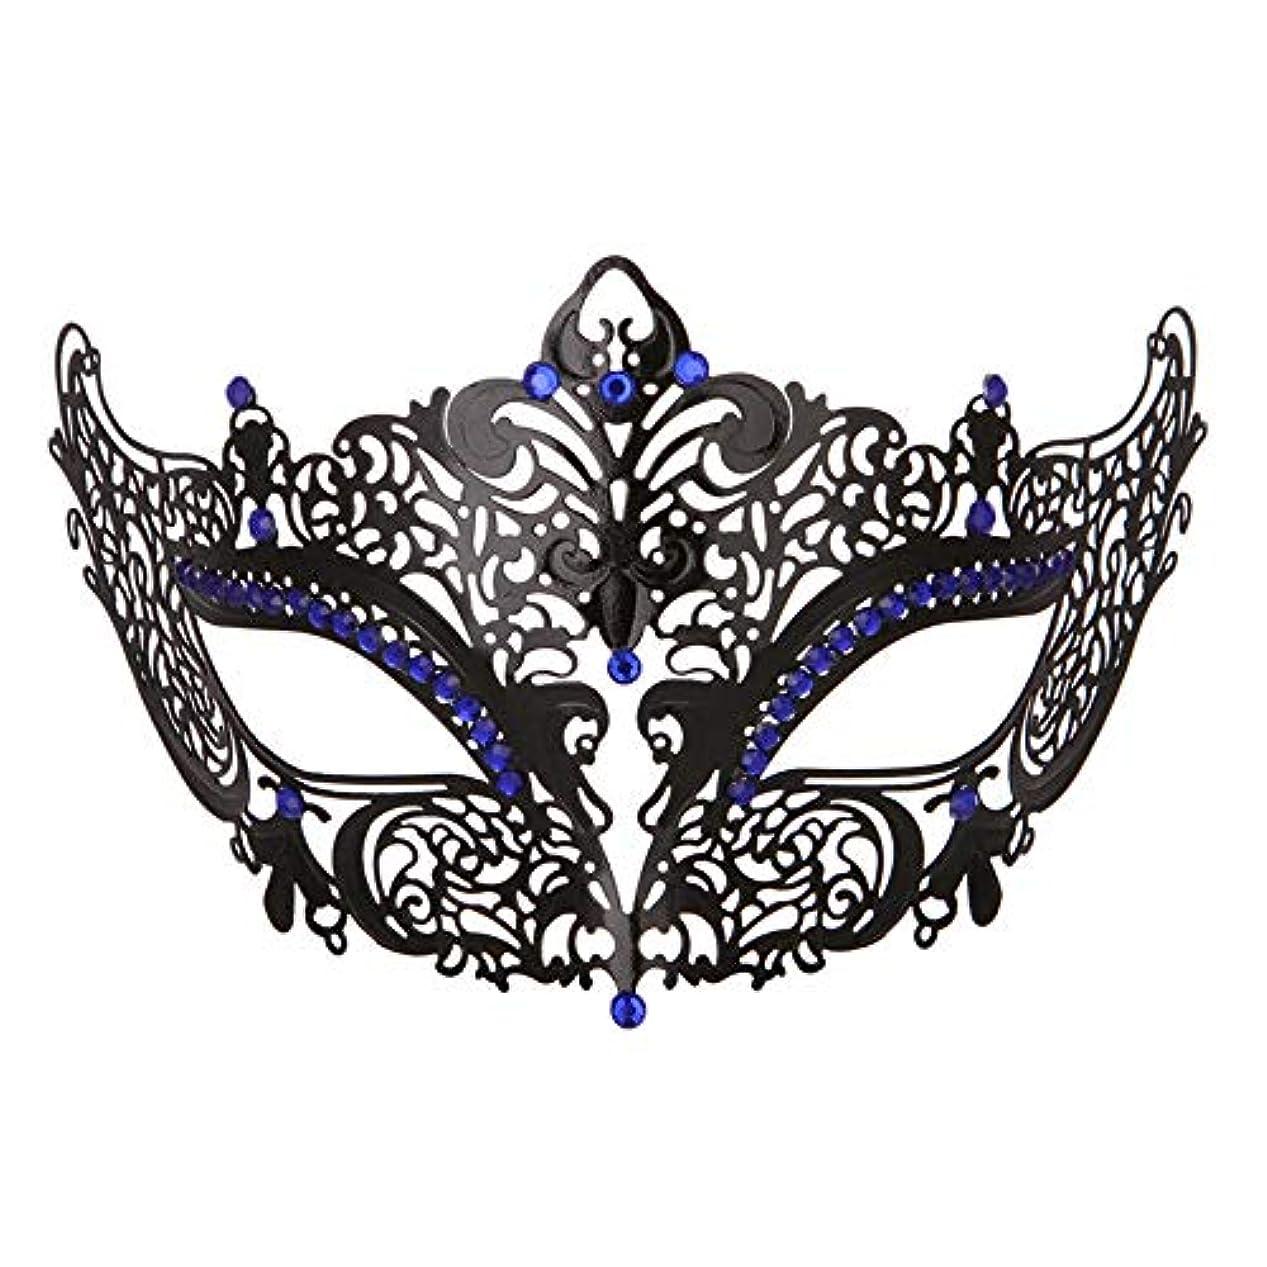 風景鷹汚染されたダンスマスク 高級金属鉄マスク女性美少女中空ハーフフェイスファッションナイトクラブパーティー仮面舞踏会マスク ホリデーパーティー用品 (色 : 青, サイズ : 19x8cm)